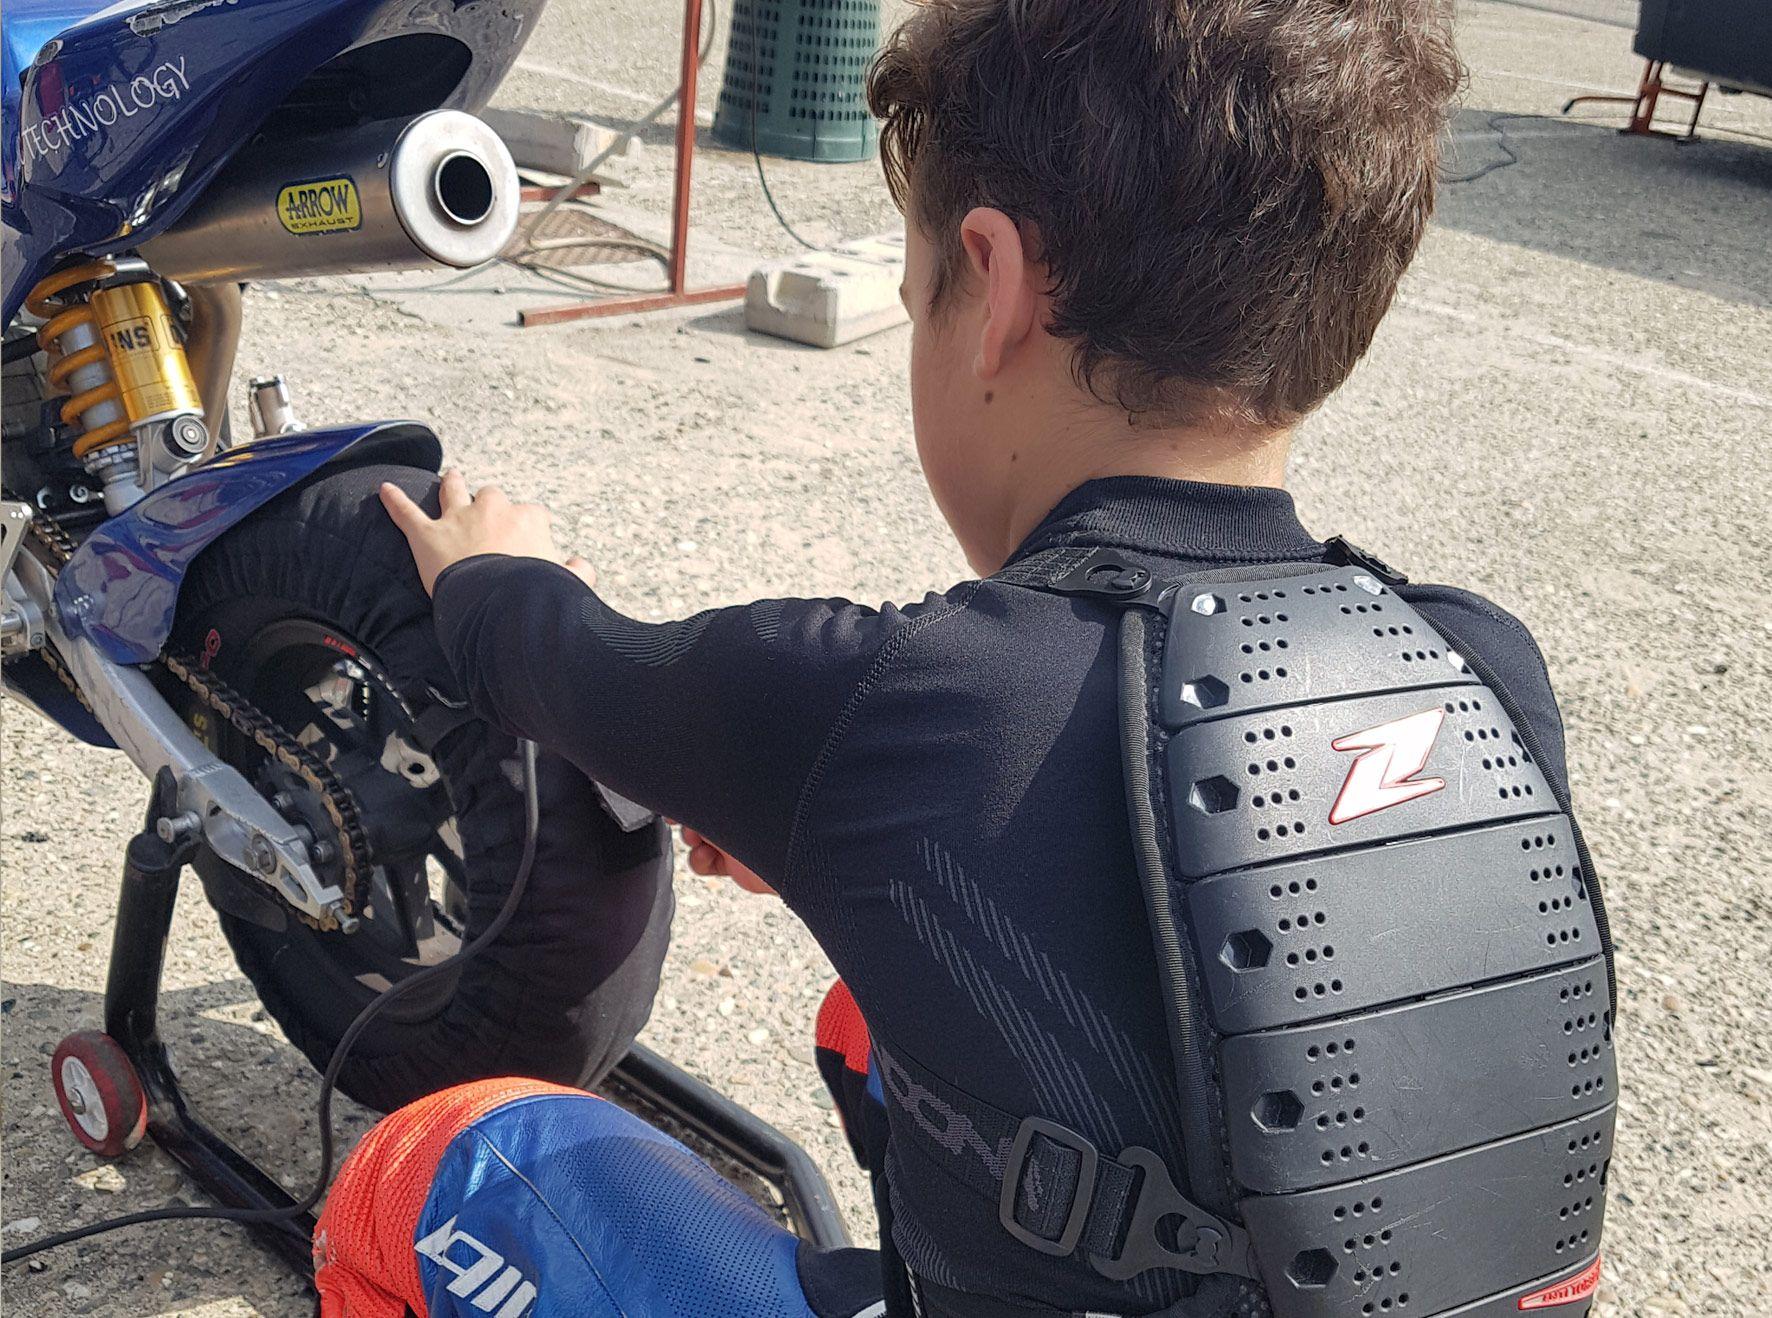 Zandona-enfants équipement